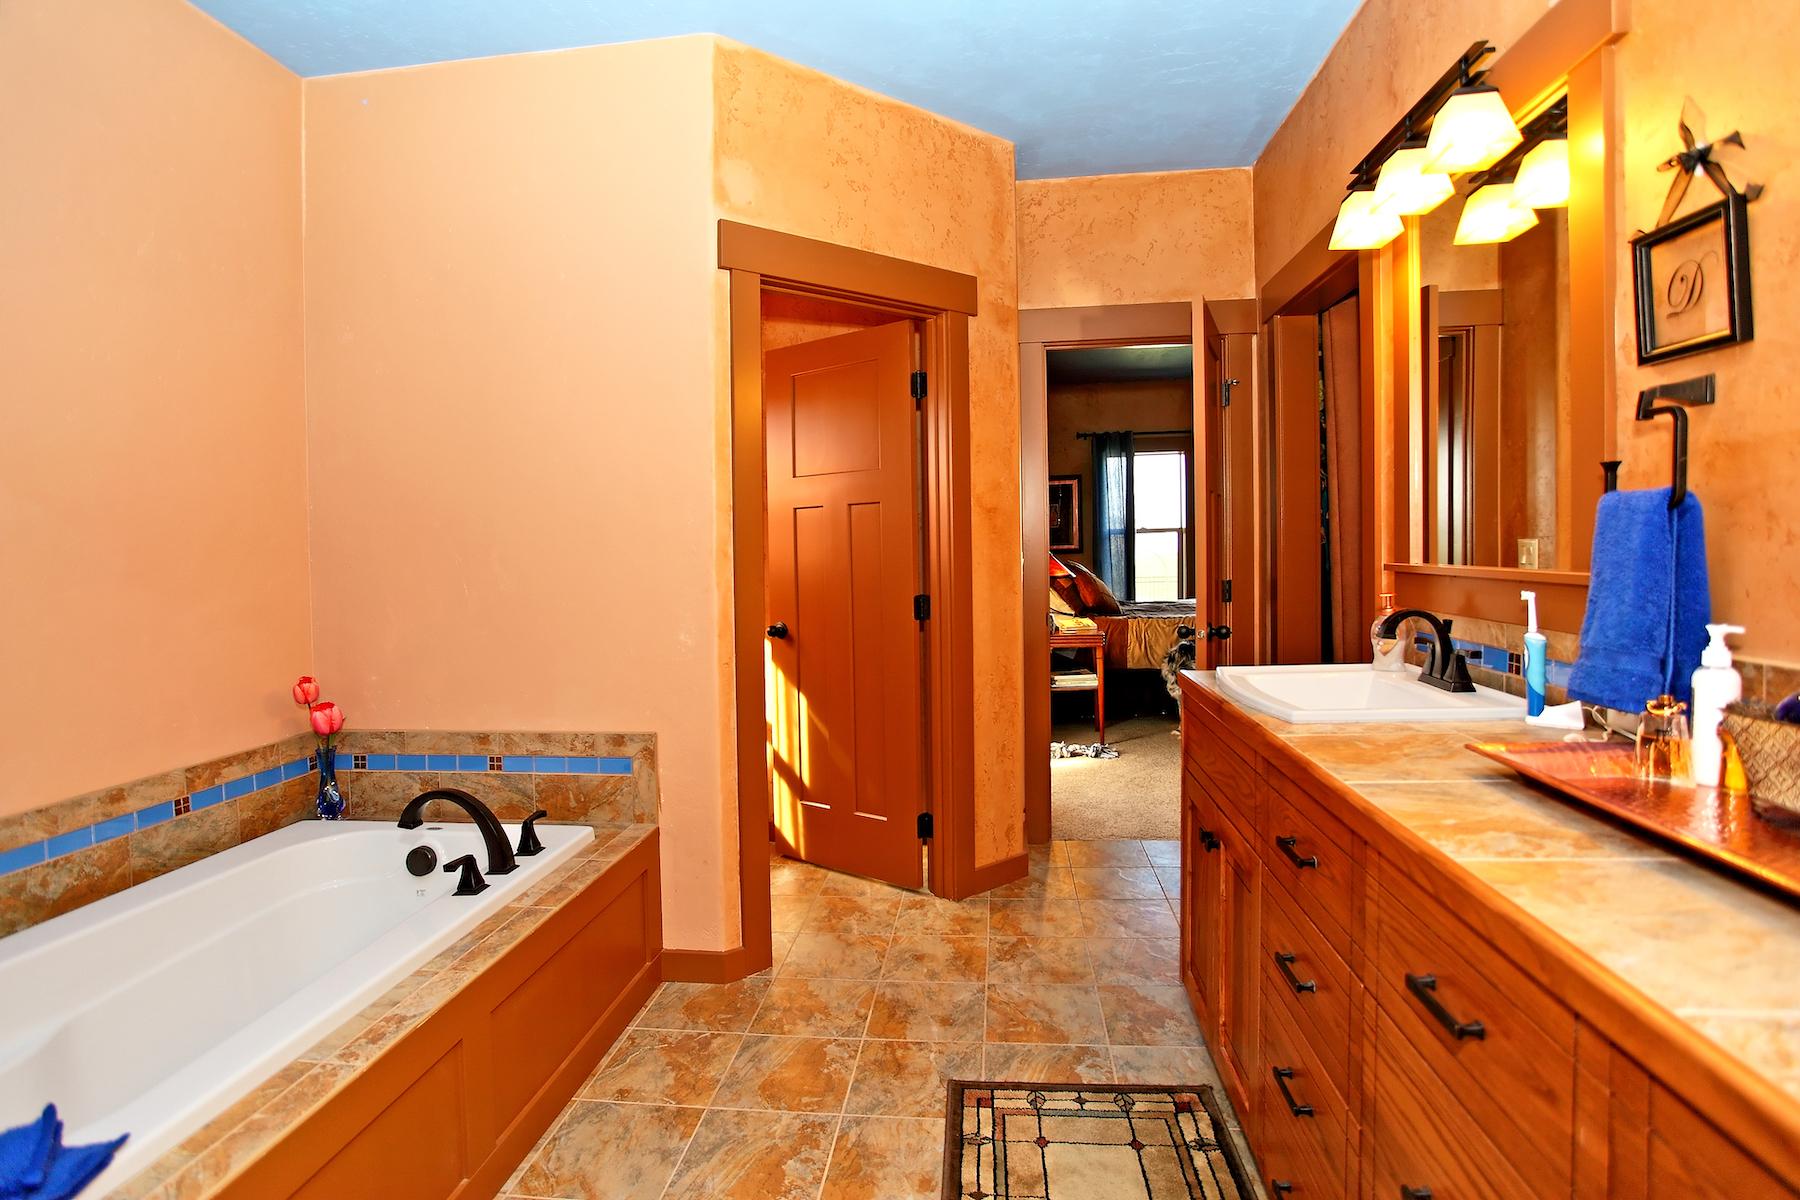 Flynner-Homes-Brownstone00028.jpg